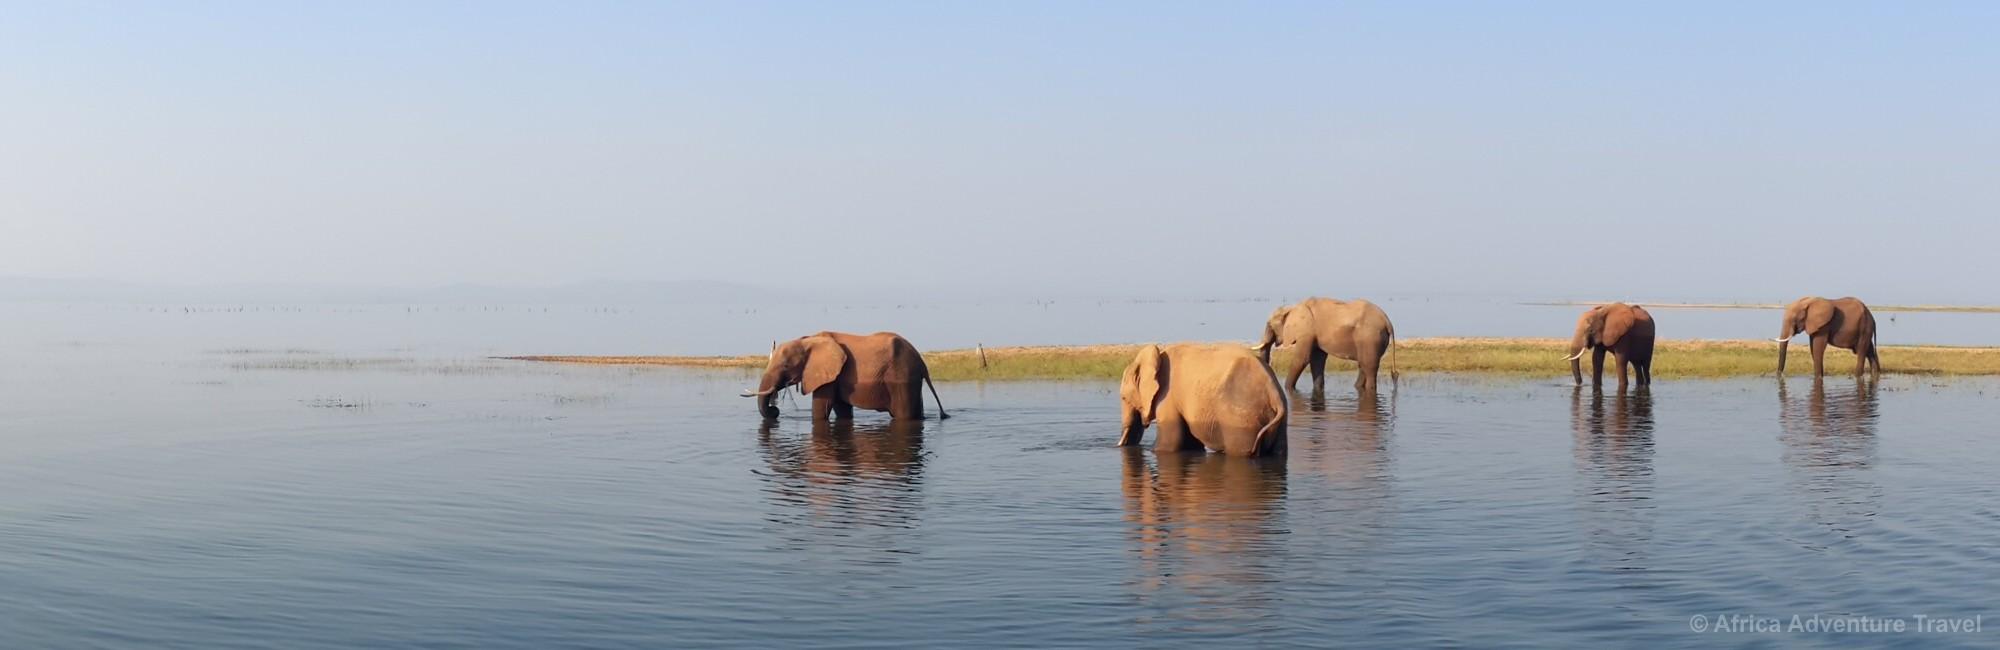 lake-kariba-elephant.jpg